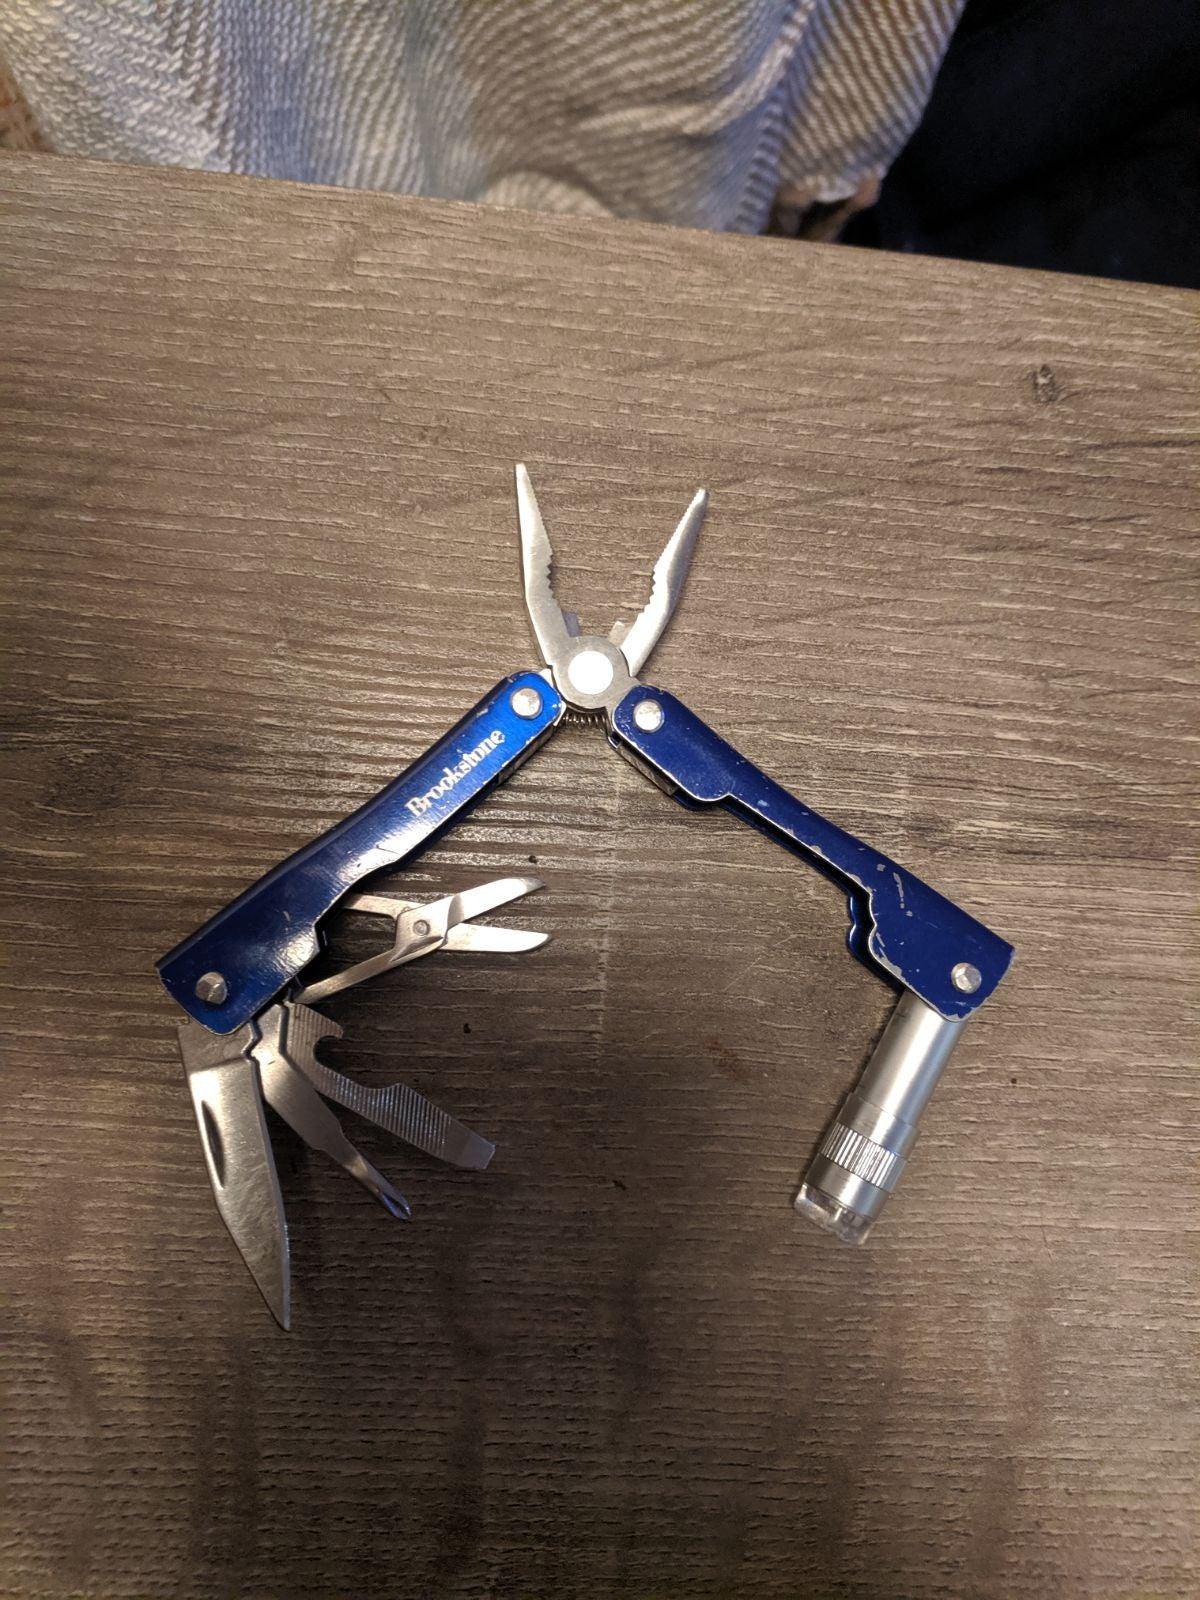 Brookstone Multi Tool